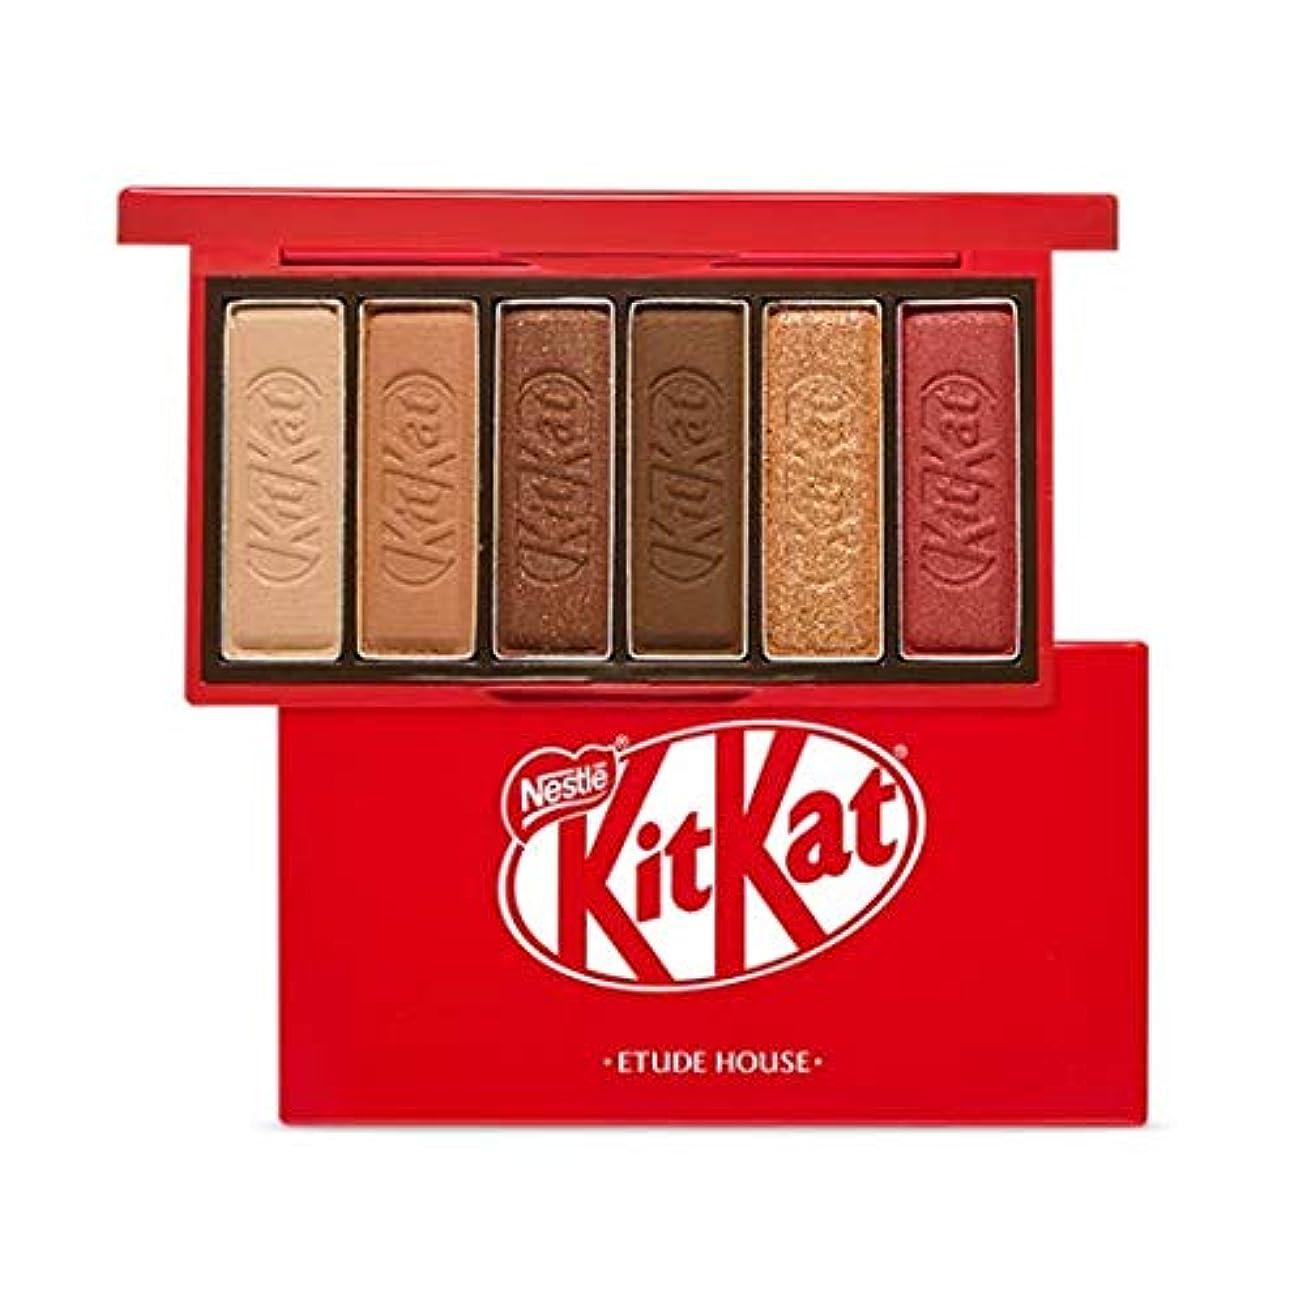 チーズ交差点タクトエチュードハウス キットカット プレイカラー アイズ ミニ 1*6g / ETUDE HOUSE KitKat Play Color Eyes Mini #1 KitKat Original [並行輸入品]